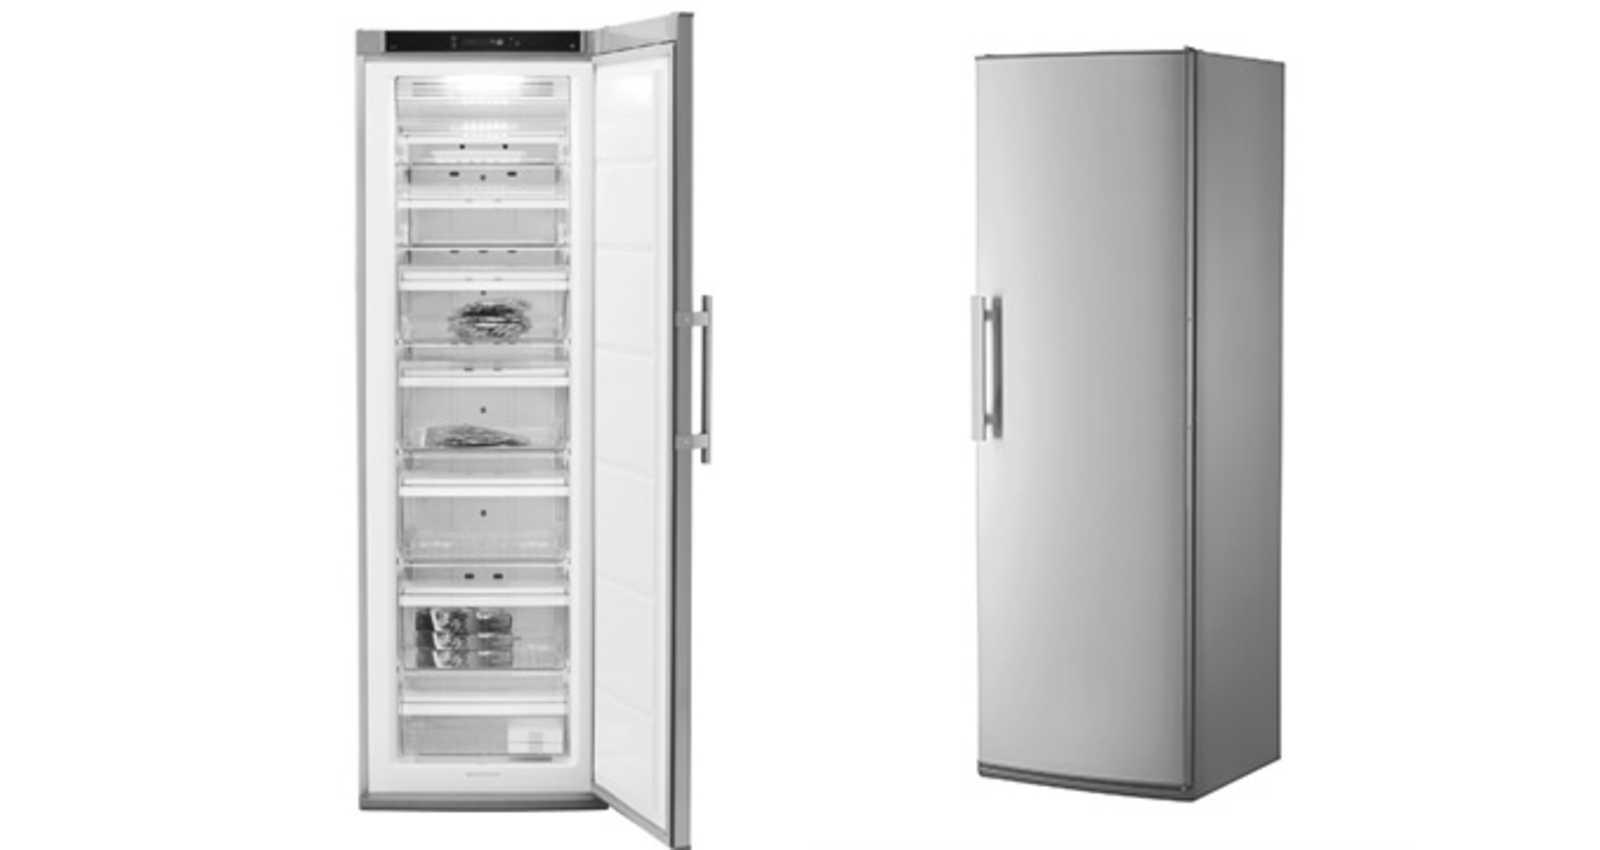 Retro Kühlschrank Silber : Unglaublich fabelhafte dekoration smeg kühlschrank silber